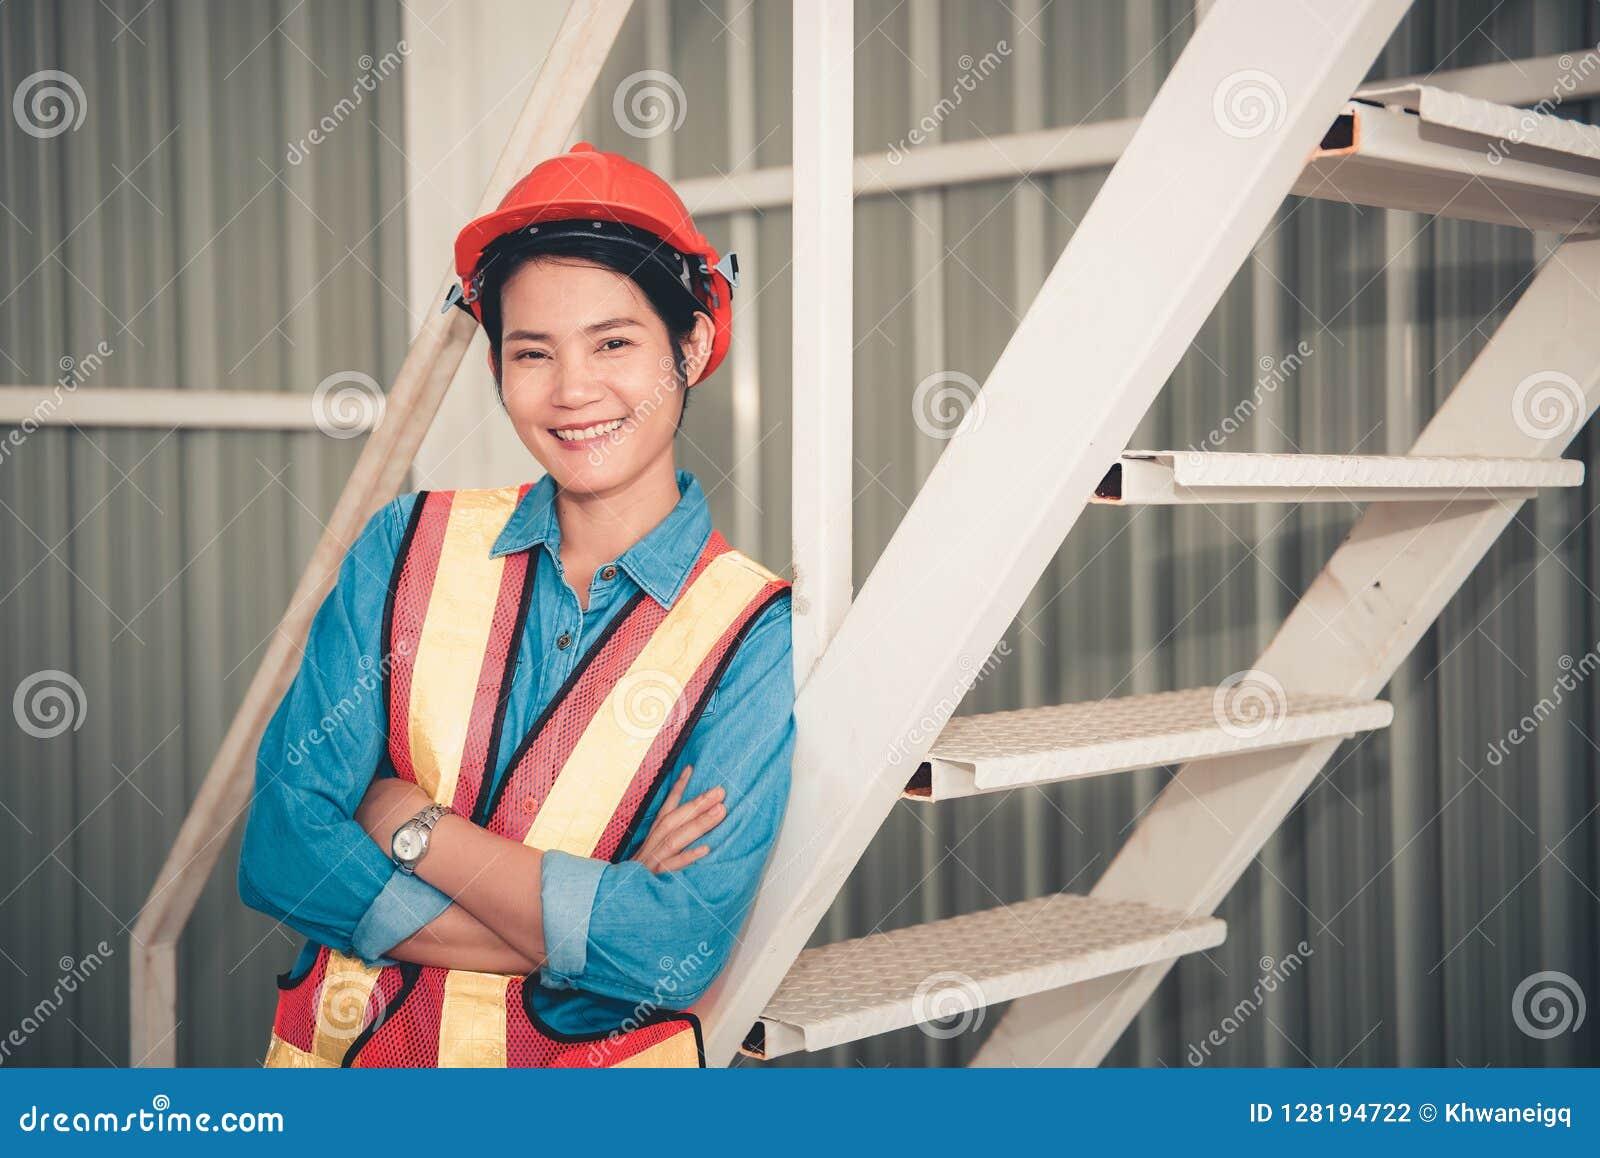 Retrato de una mujer del ingeniero que presenta los brazos cruzados confiados y